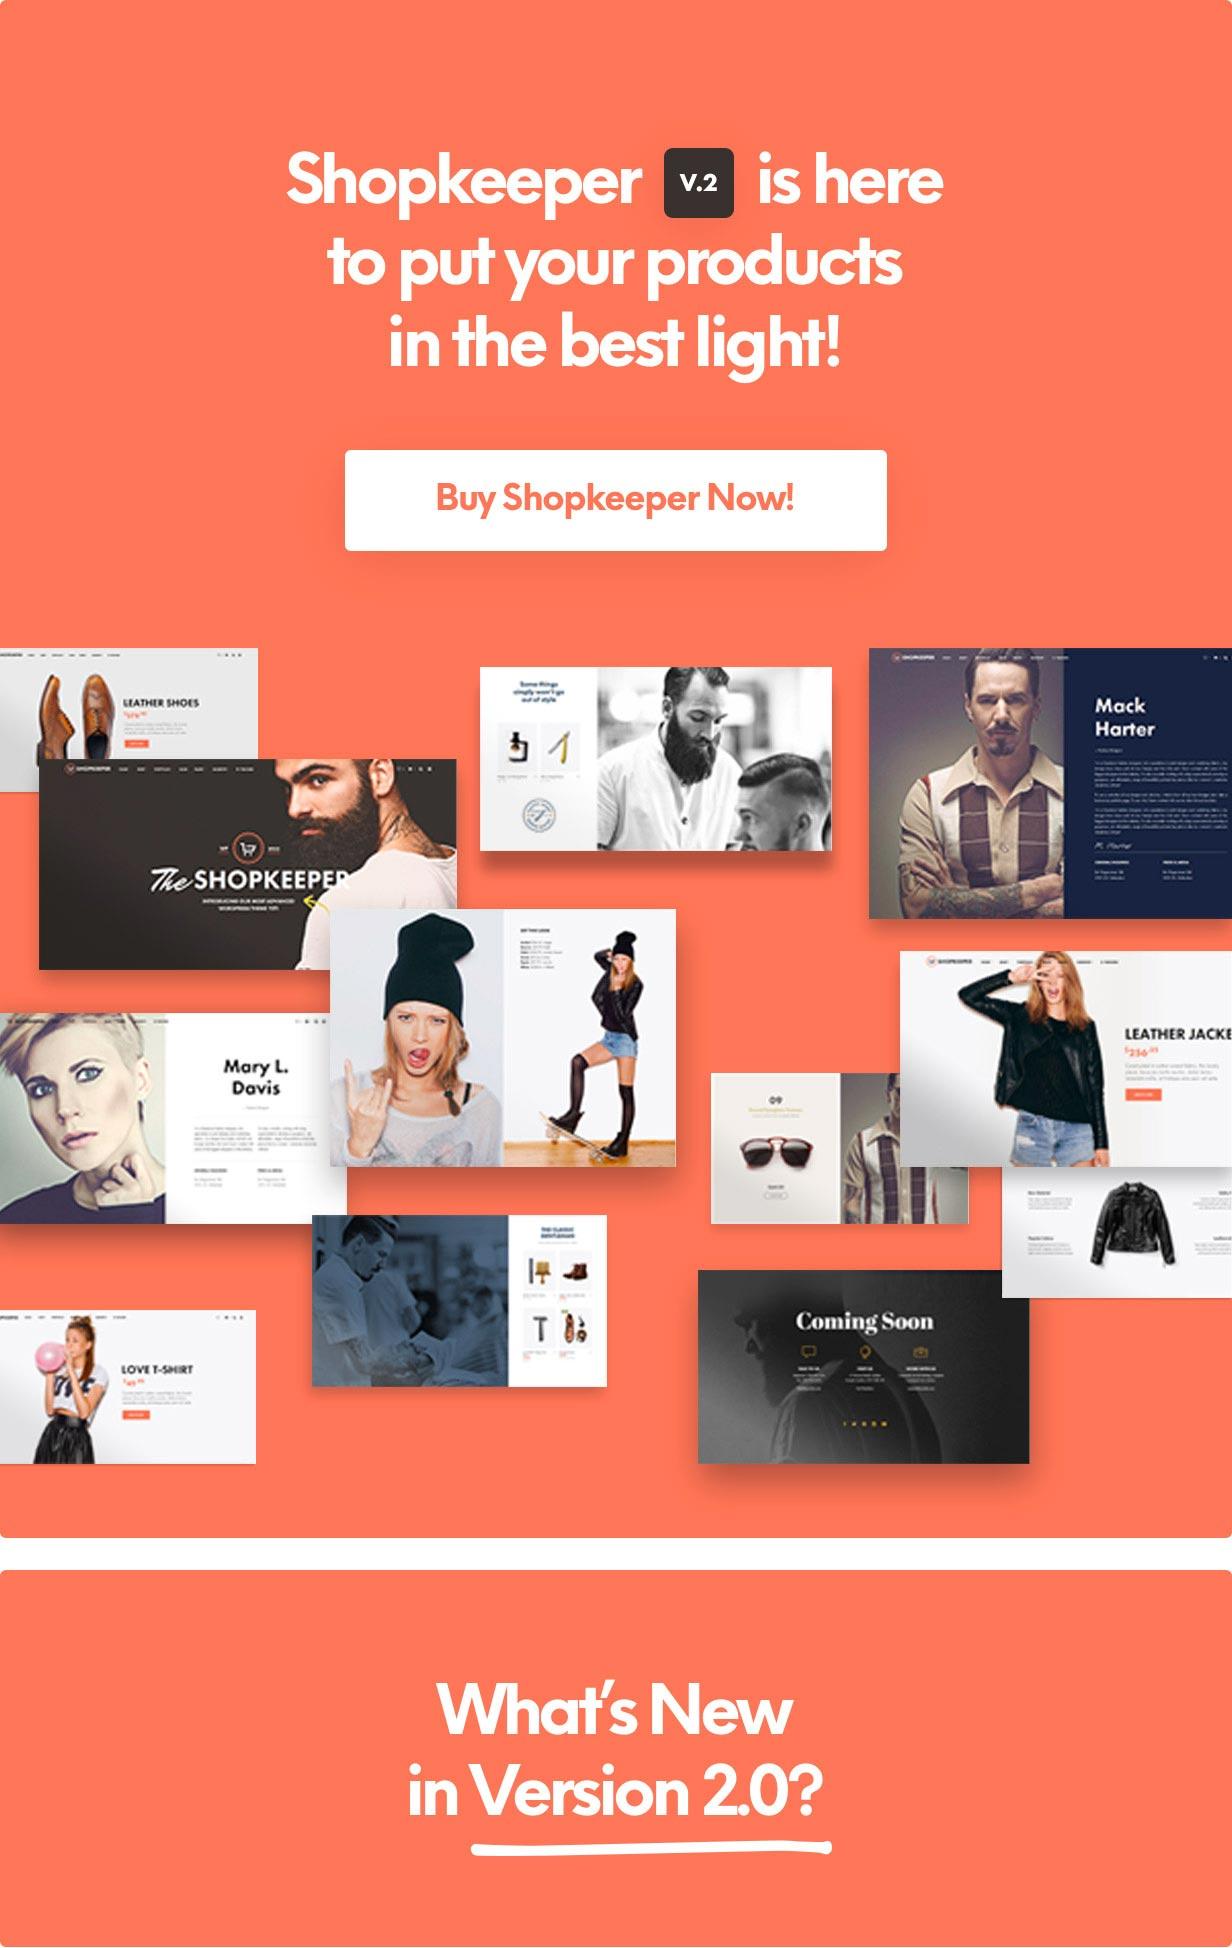 shopkeeper2 - Shopkeeper - eCommerce WP Theme for WooCommerce